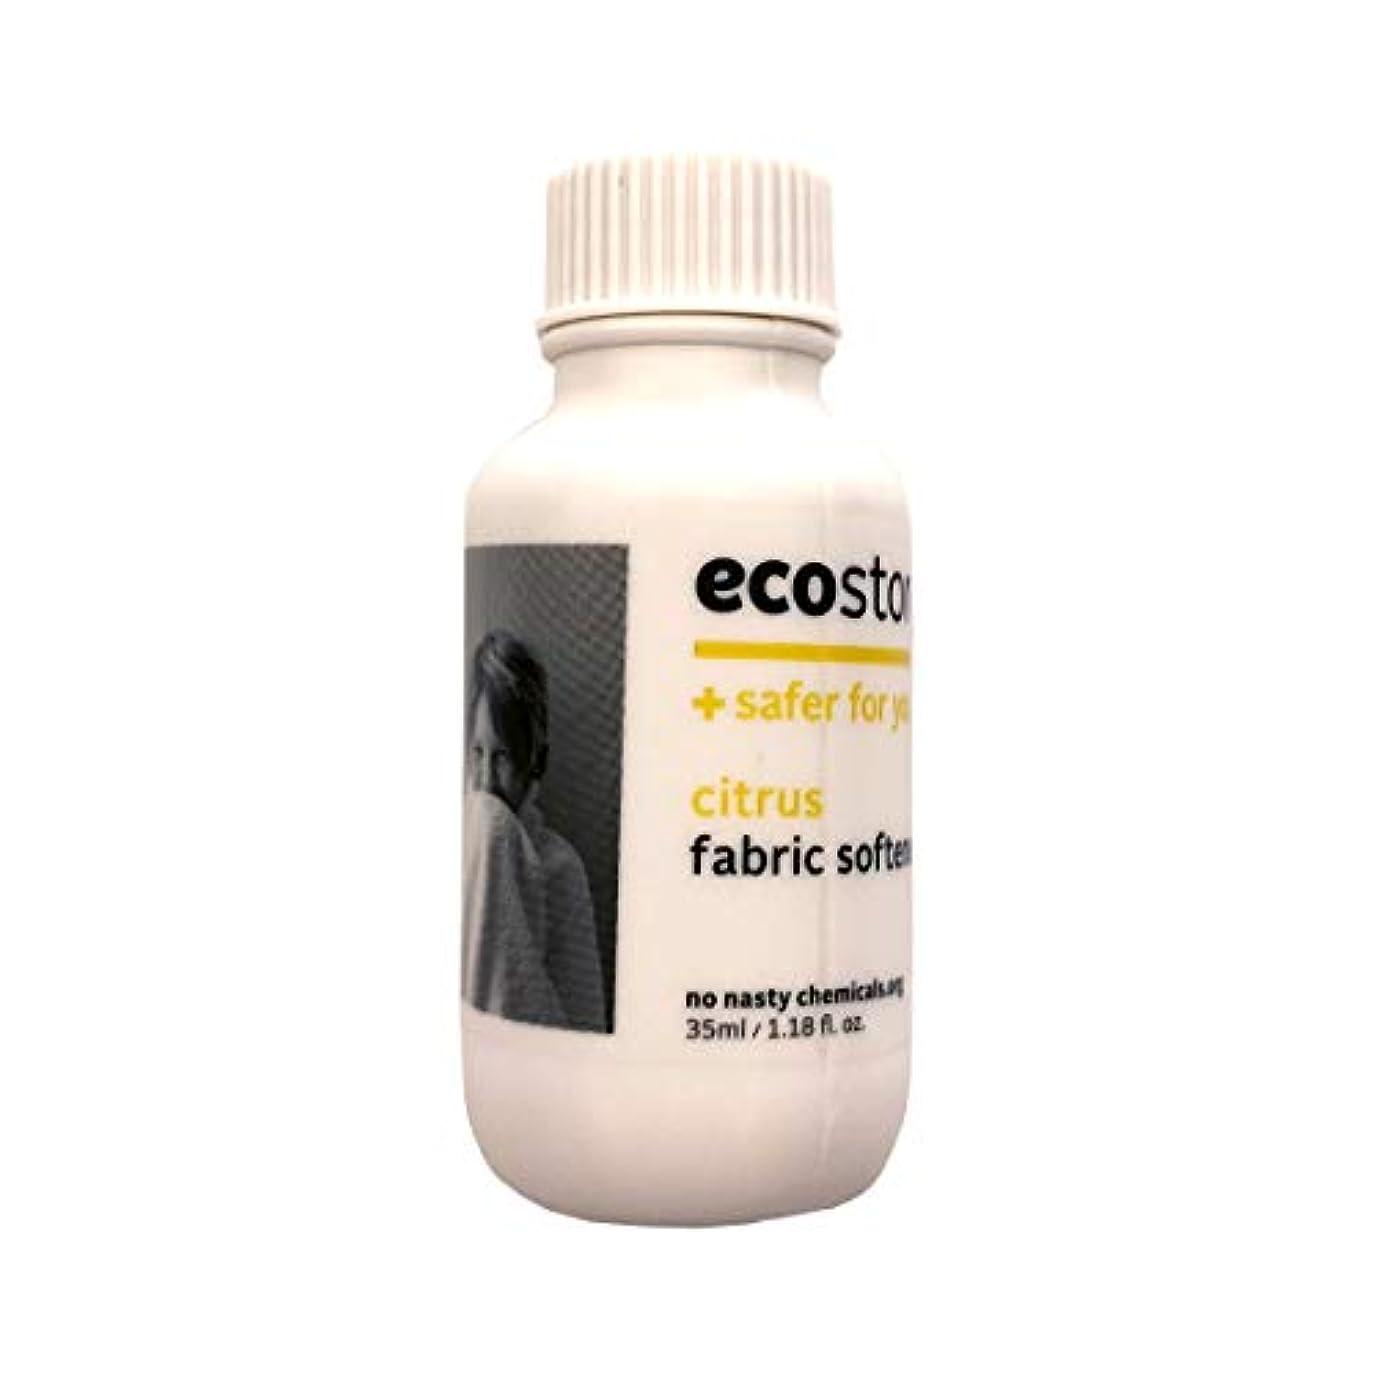 四回ペグ専門知識ecostore(エコストア) ファブリックソフナー  シトラス 35ml 柔軟仕上げ剤 実質無料サンプルストア対象